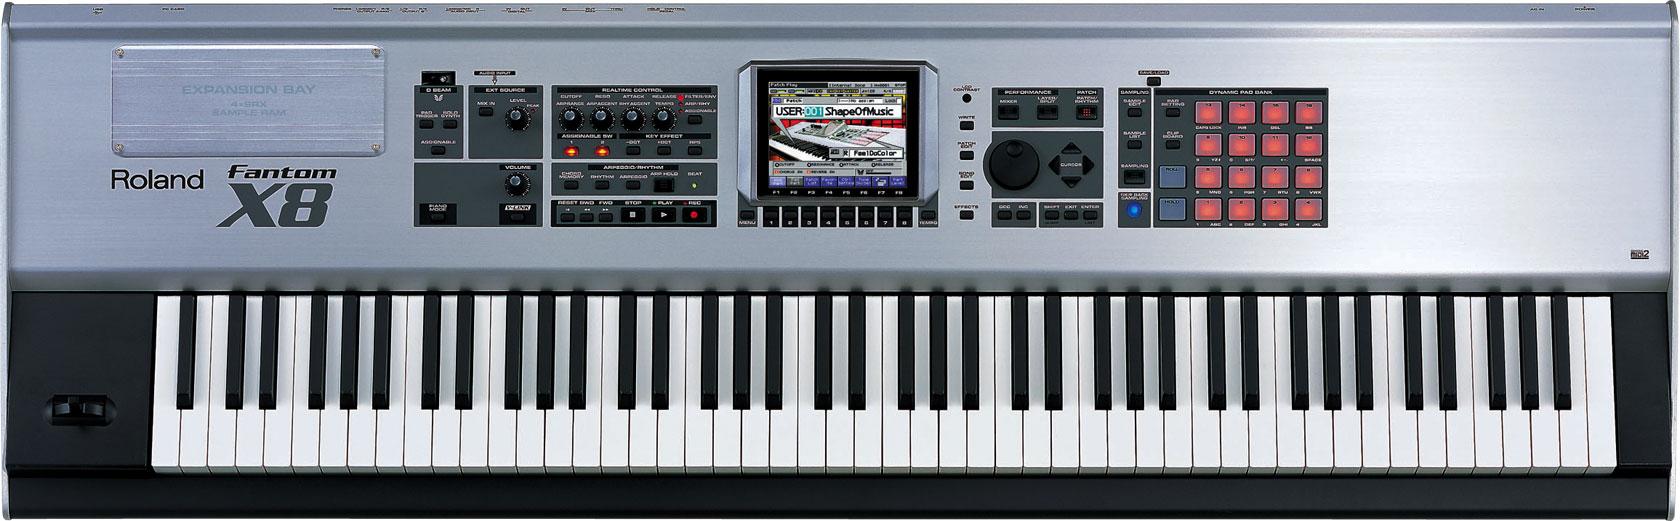 roland fantom x8 workstation keyboard. Black Bedroom Furniture Sets. Home Design Ideas